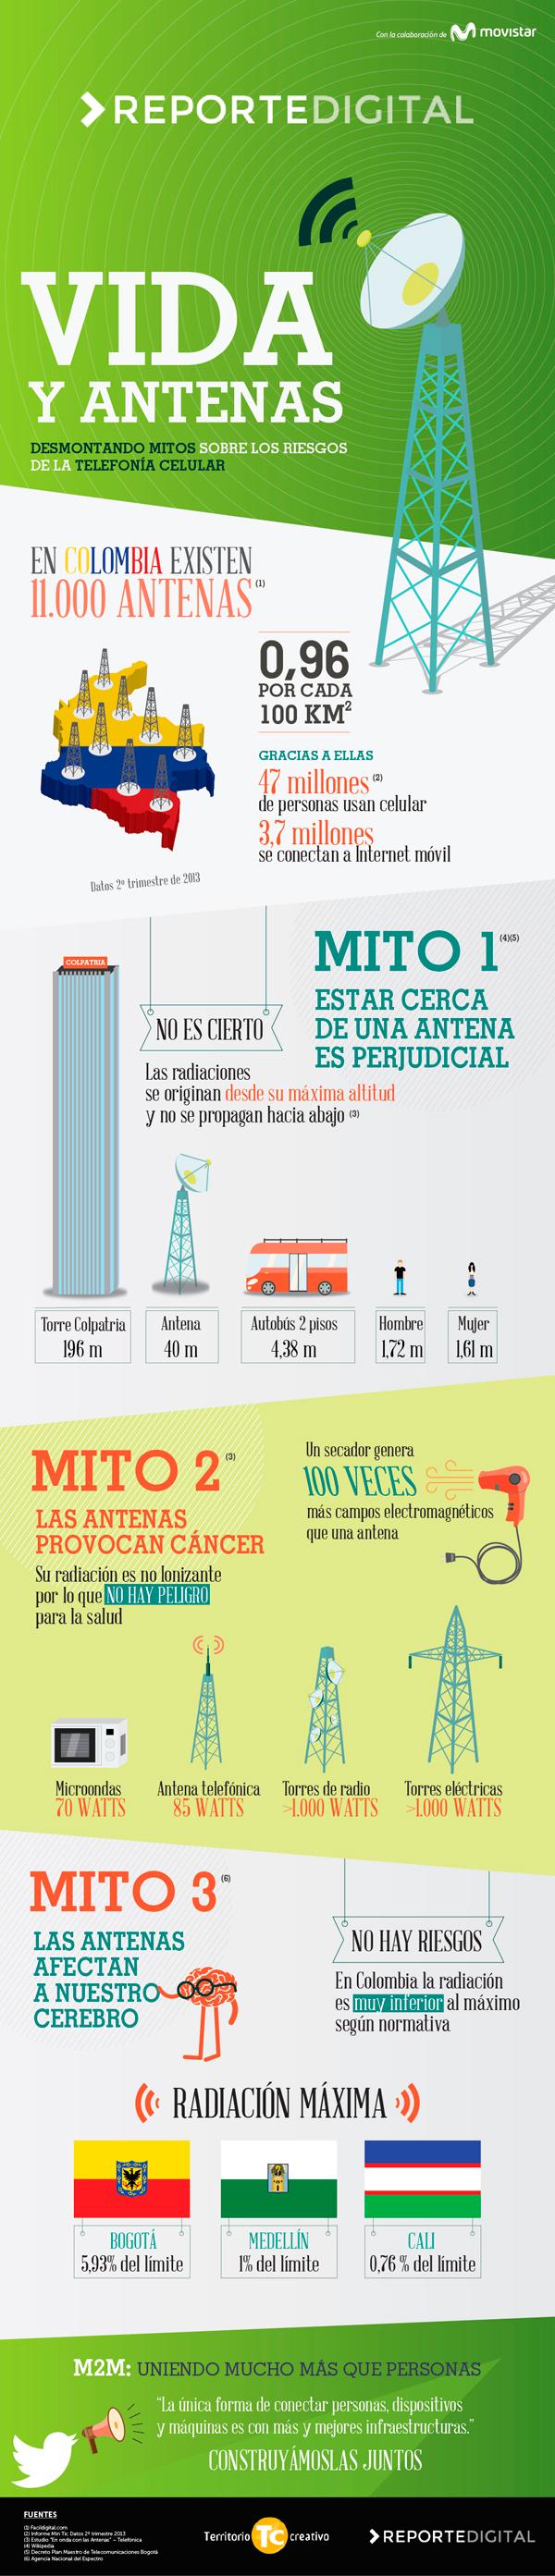 Mitos sobre los riesgos de la telefonía móvil